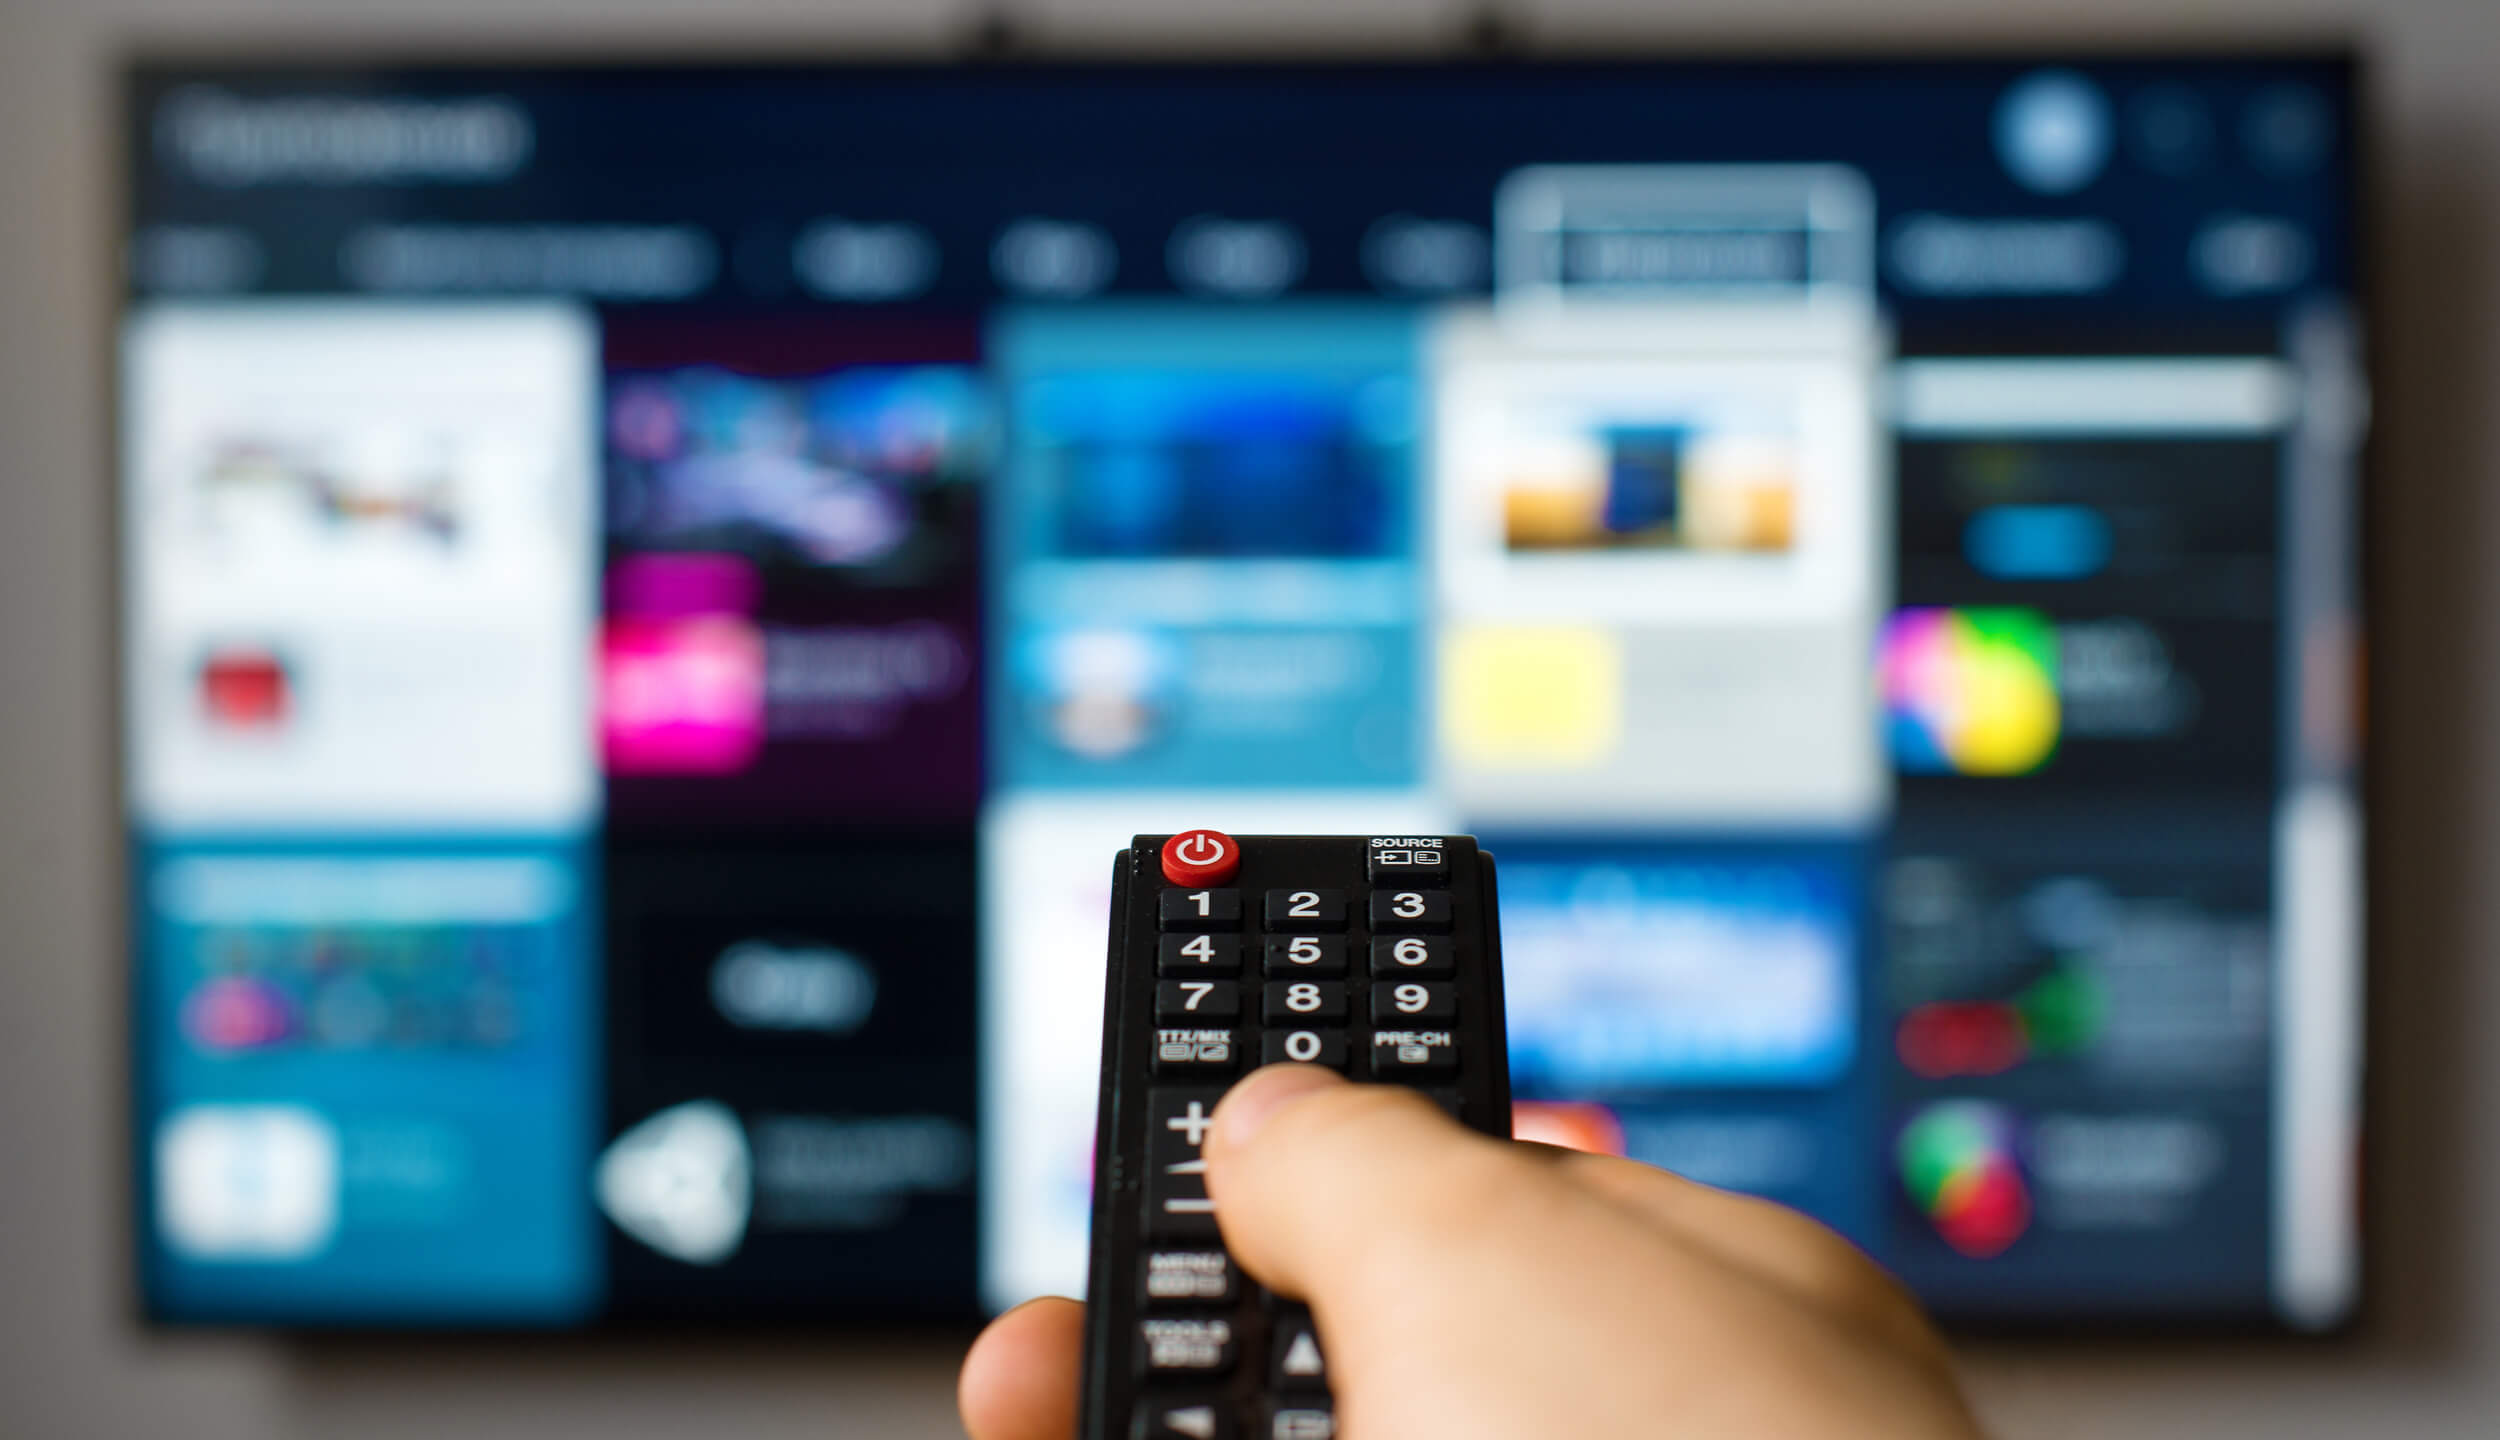 Операторы отключили сервисы управления просмотром для 20 общедоступных каналов